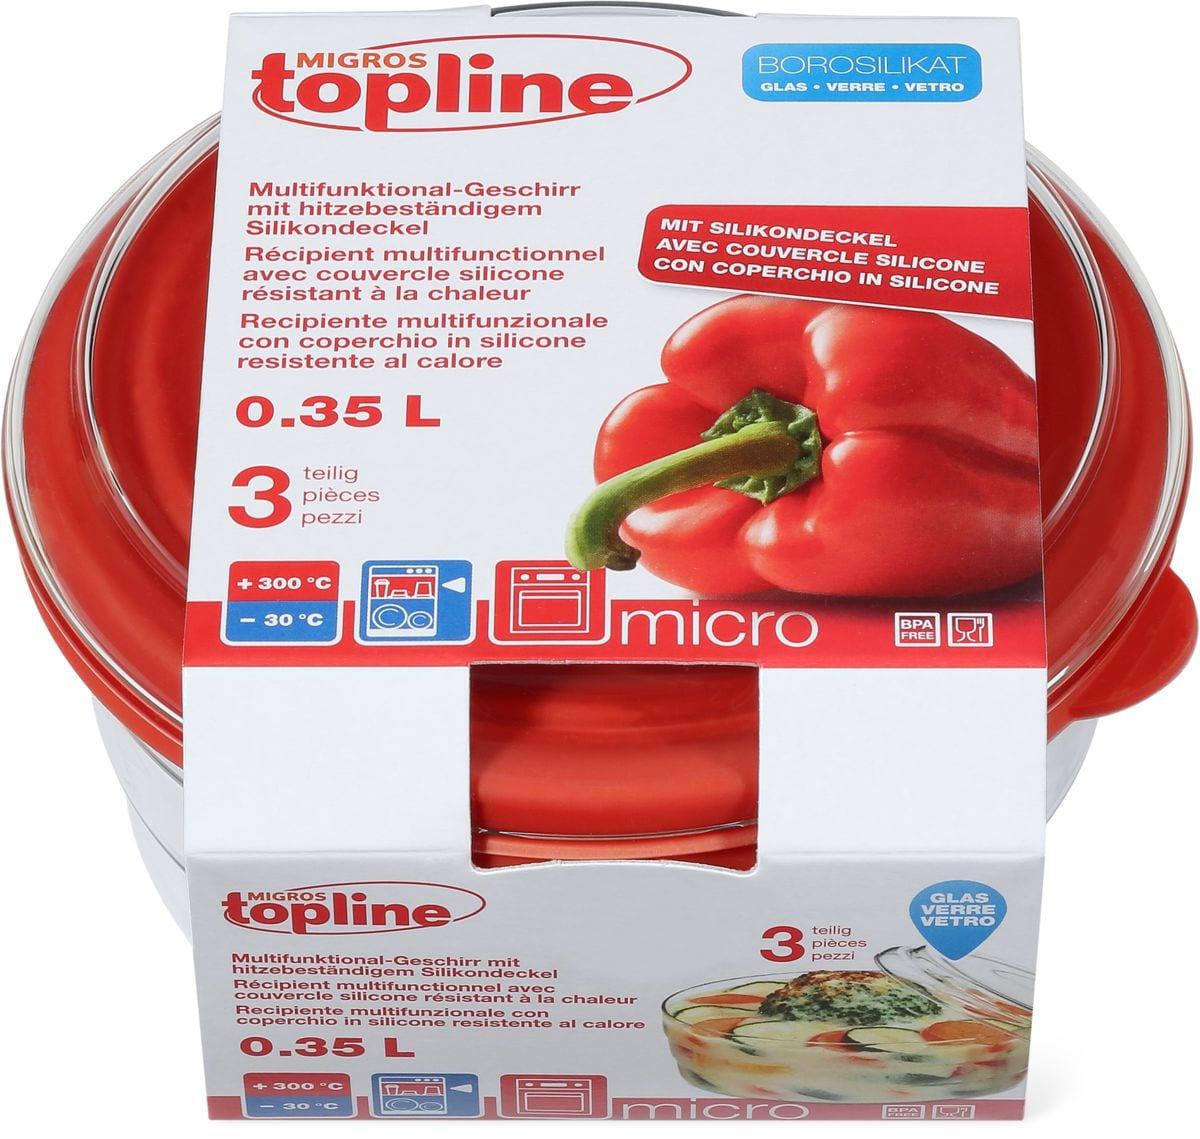 M-Topline MICRO Contenitore multifunzionale 0.35L